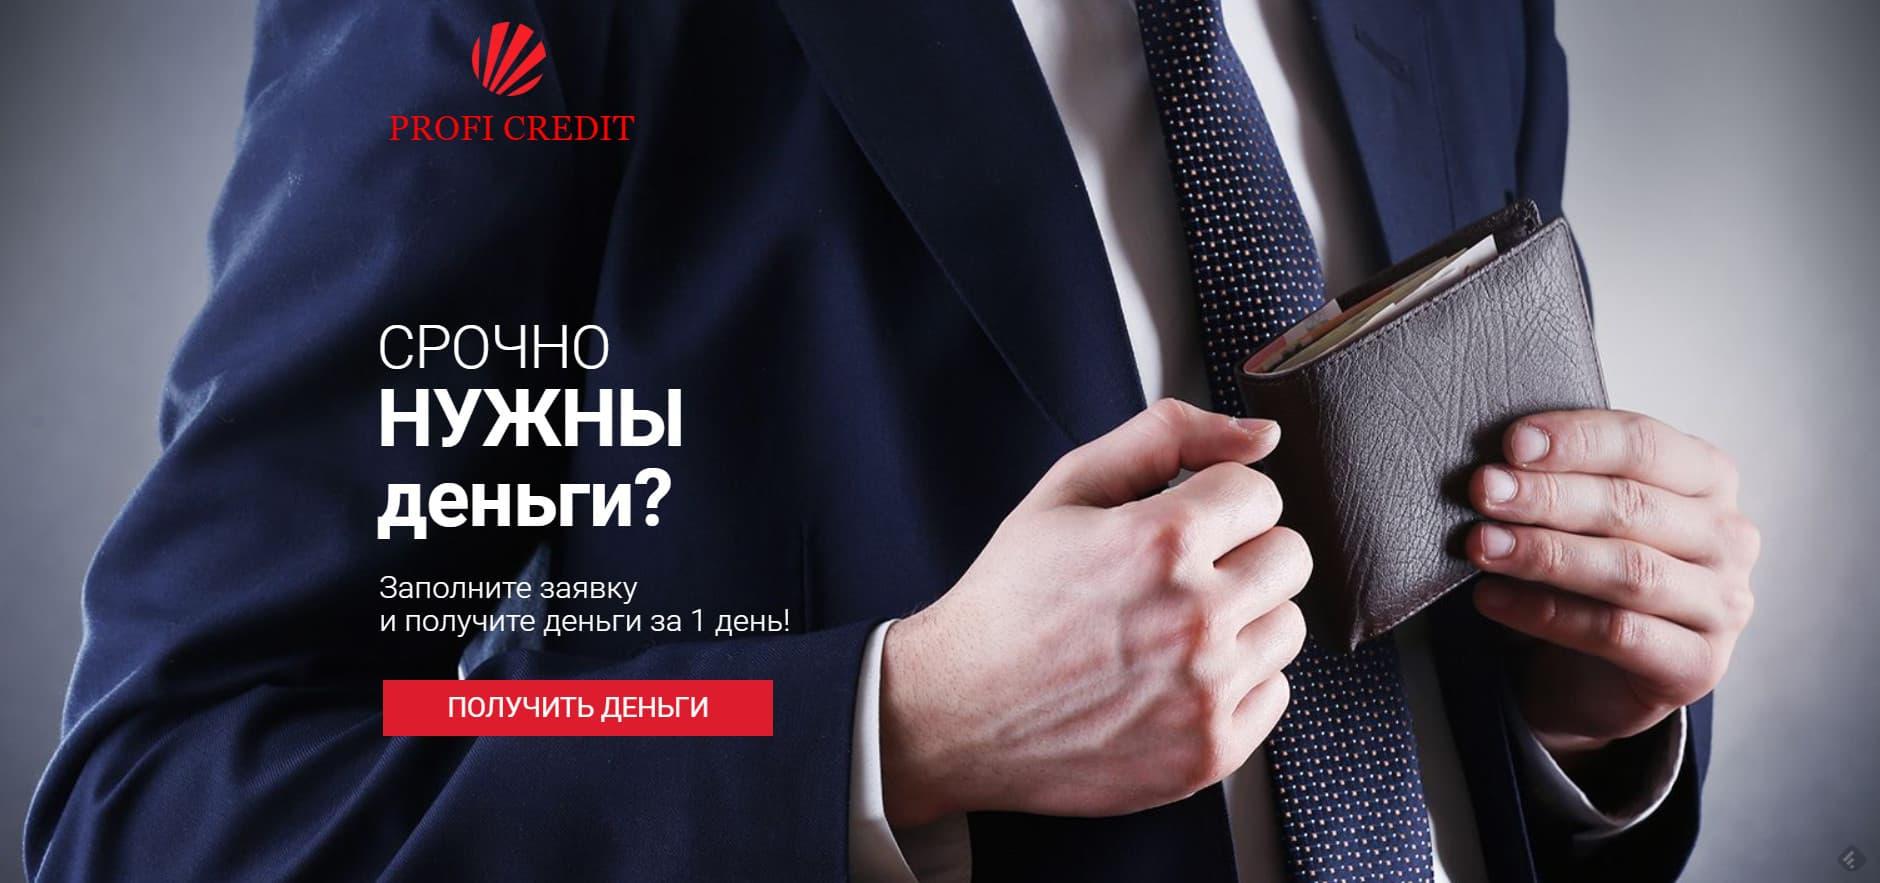 profi-kredit_15